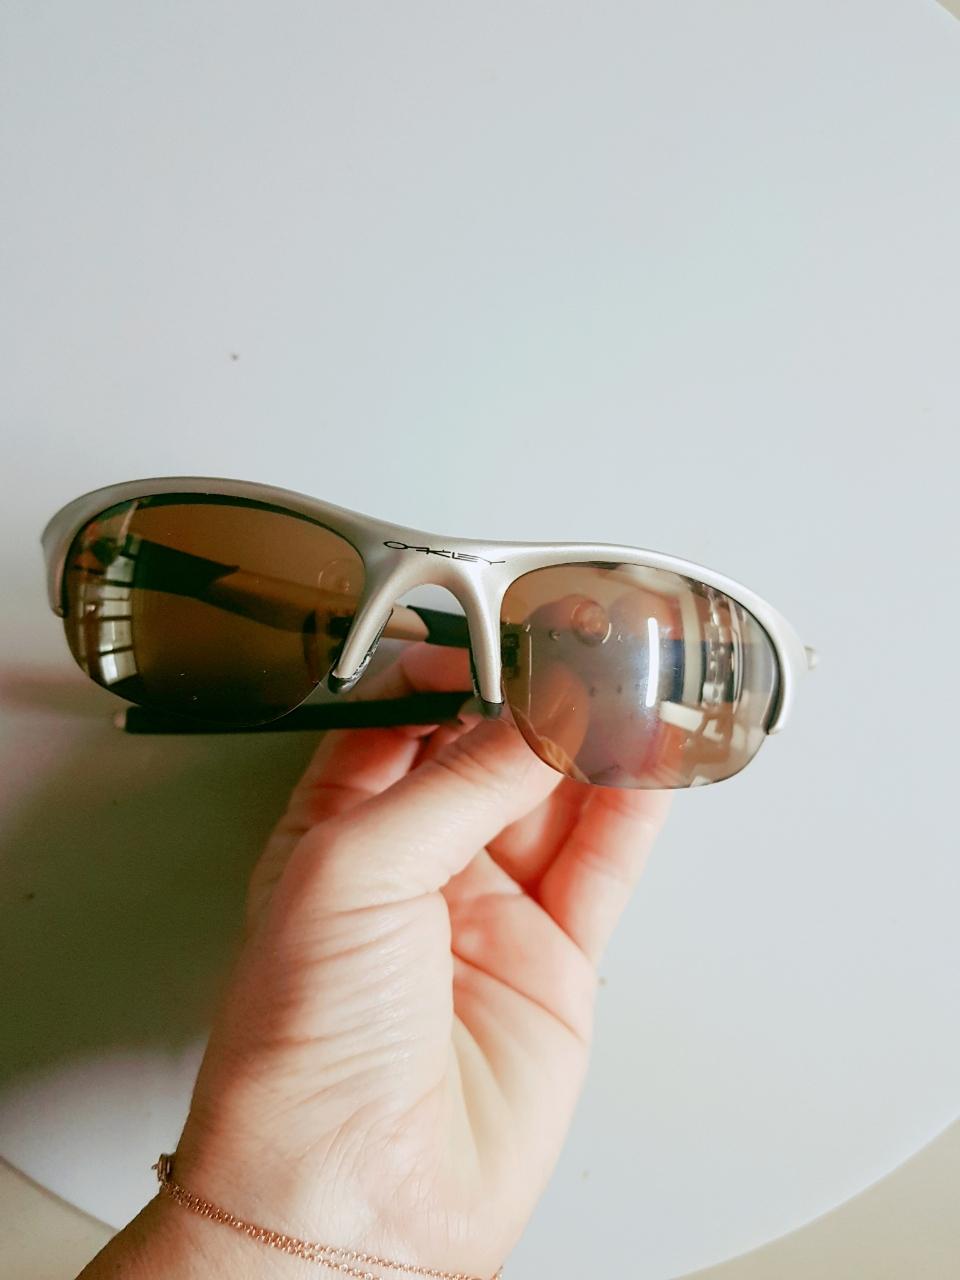 오클리 골프용  레져용 썬글라스